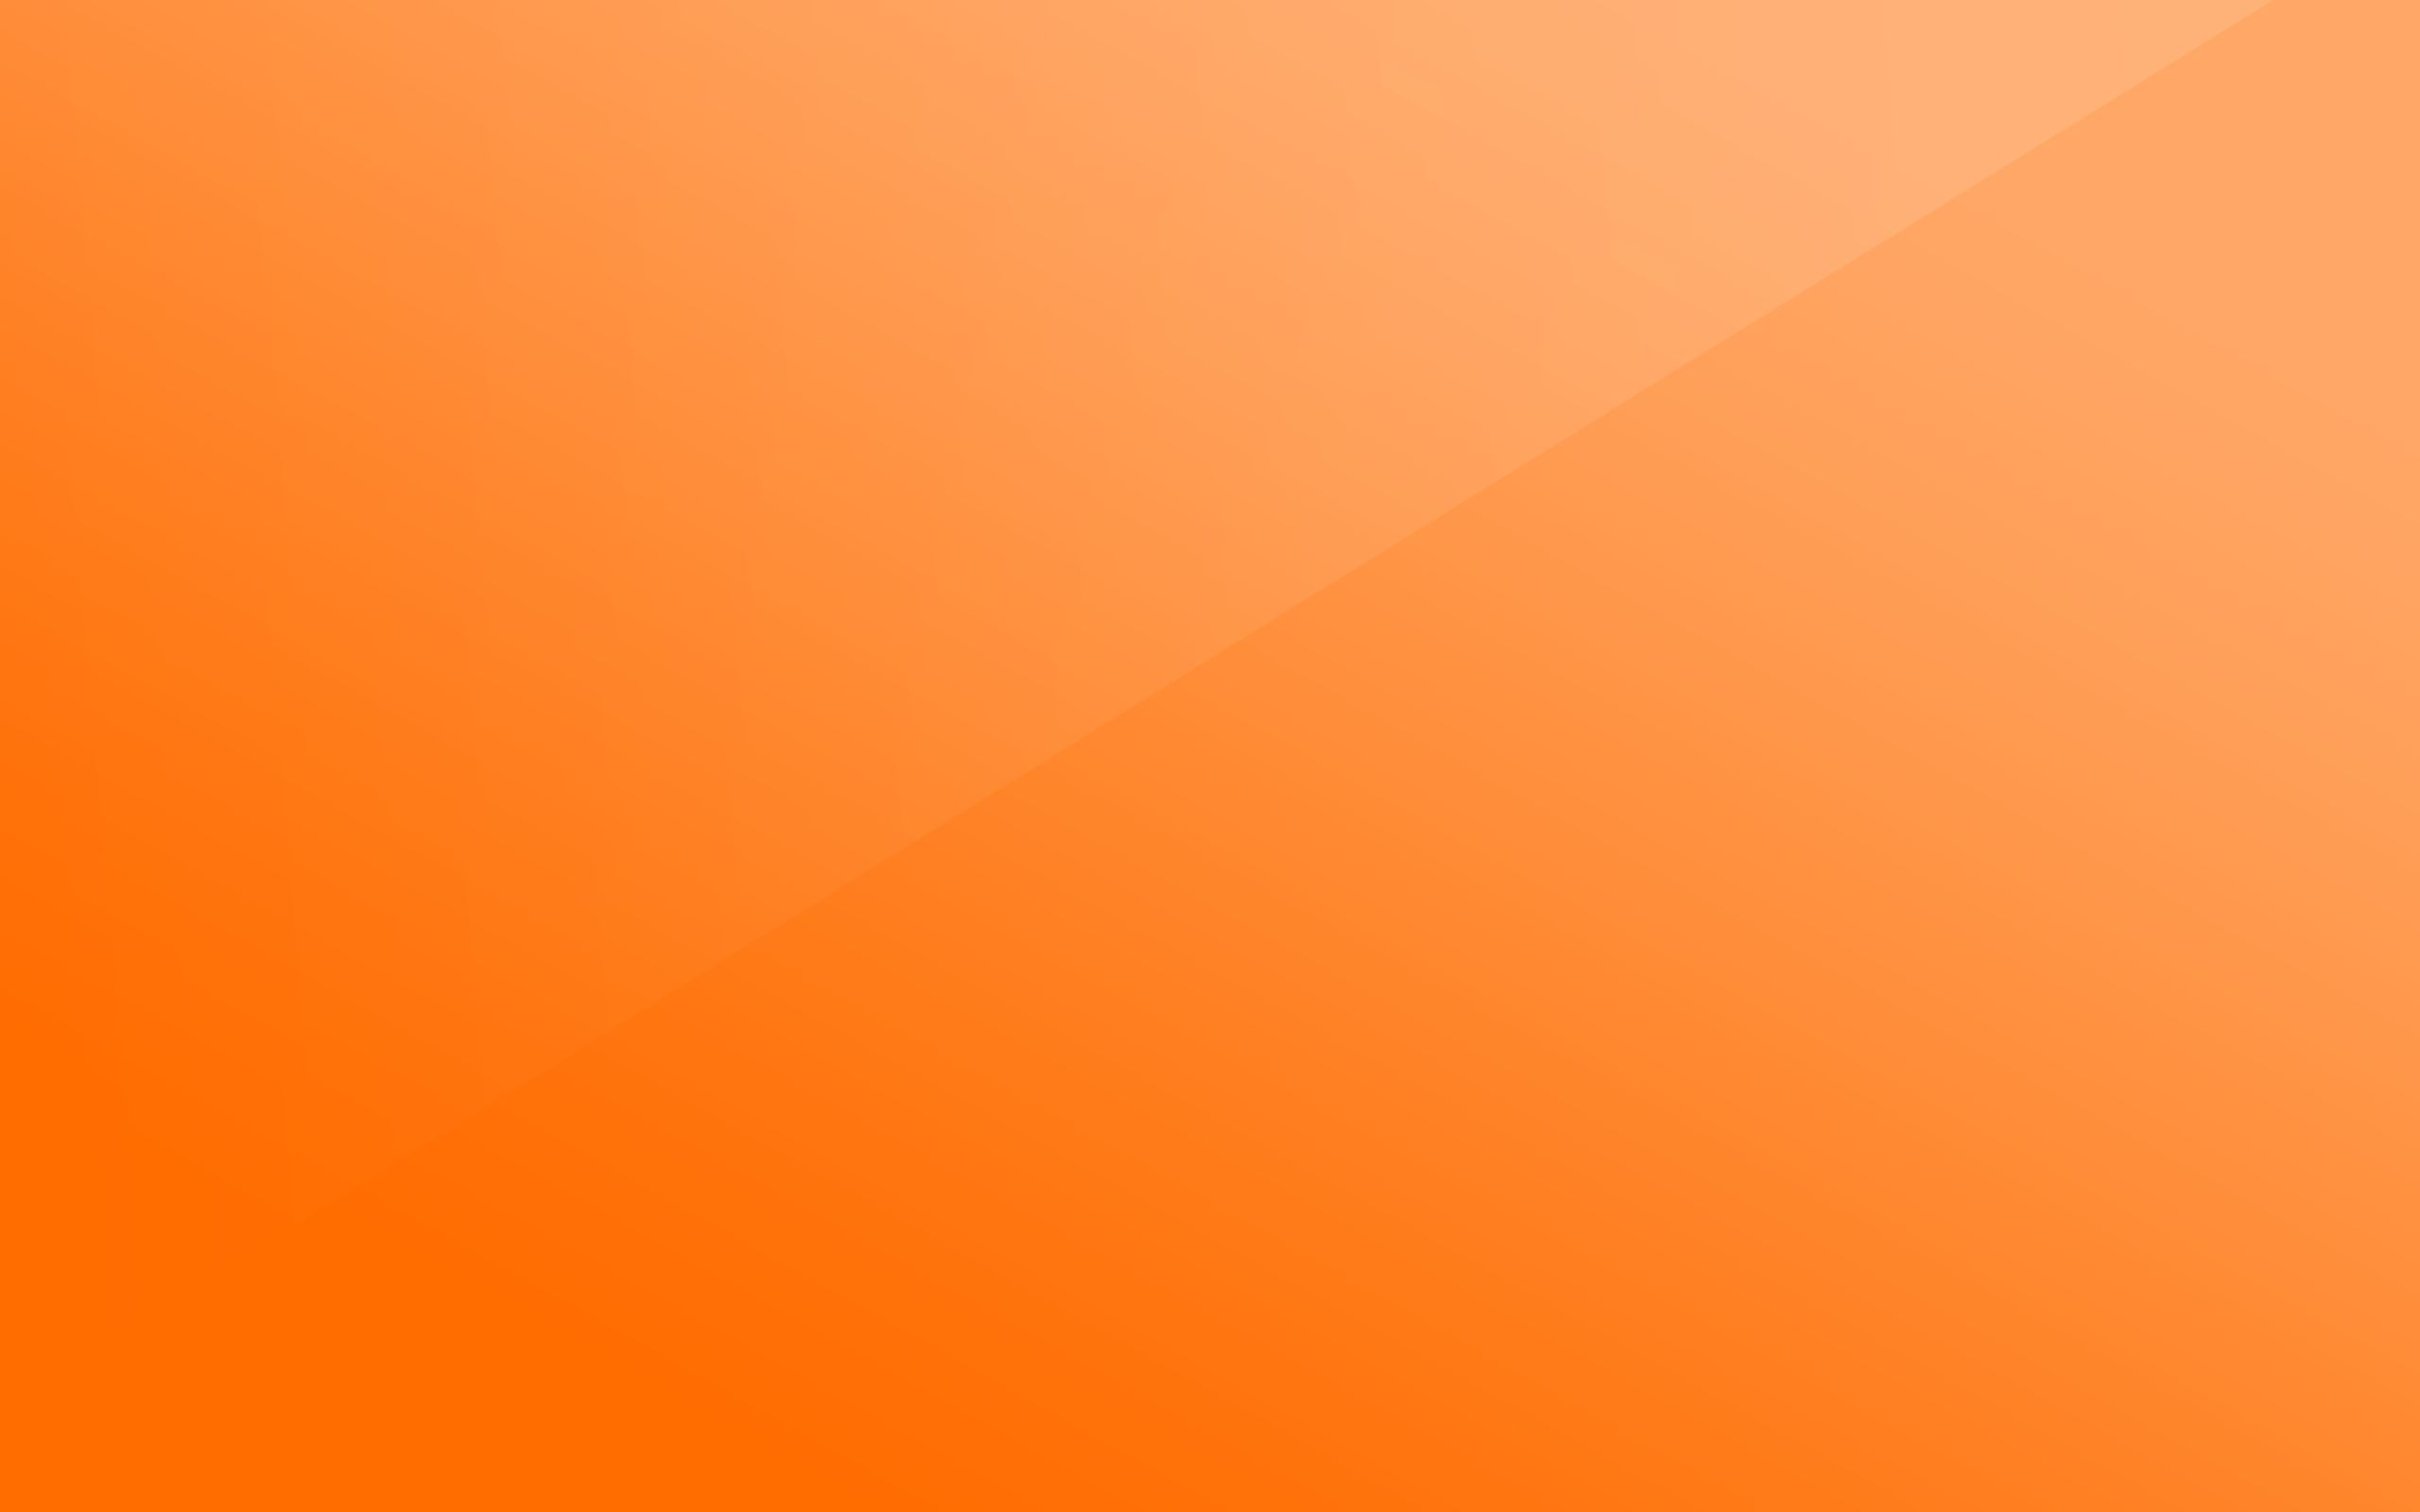 82998 скачать Оранжевые обои на телефон бесплатно, Абстракция, Фон, Светлый, Оранжевый, Линия Оранжевые картинки и заставки на мобильный